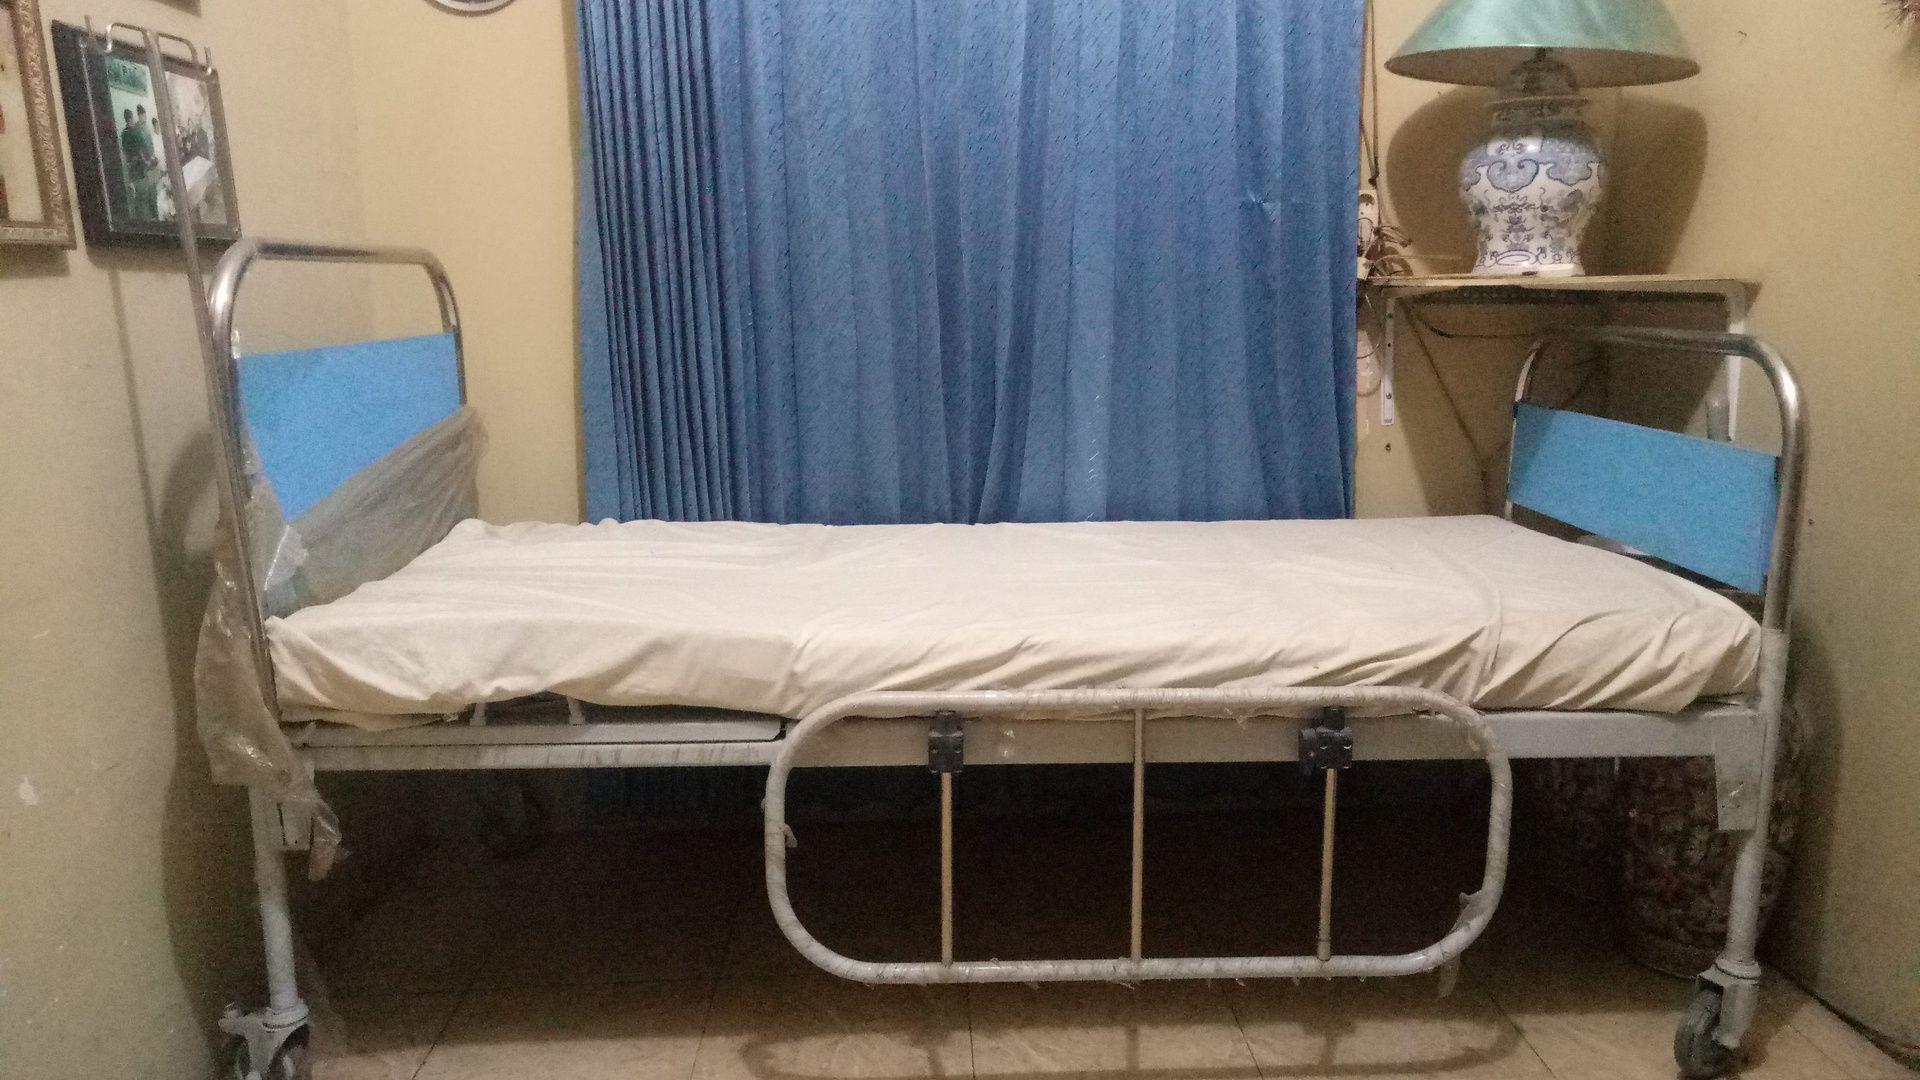 Tempat Tidur Pasien Manual